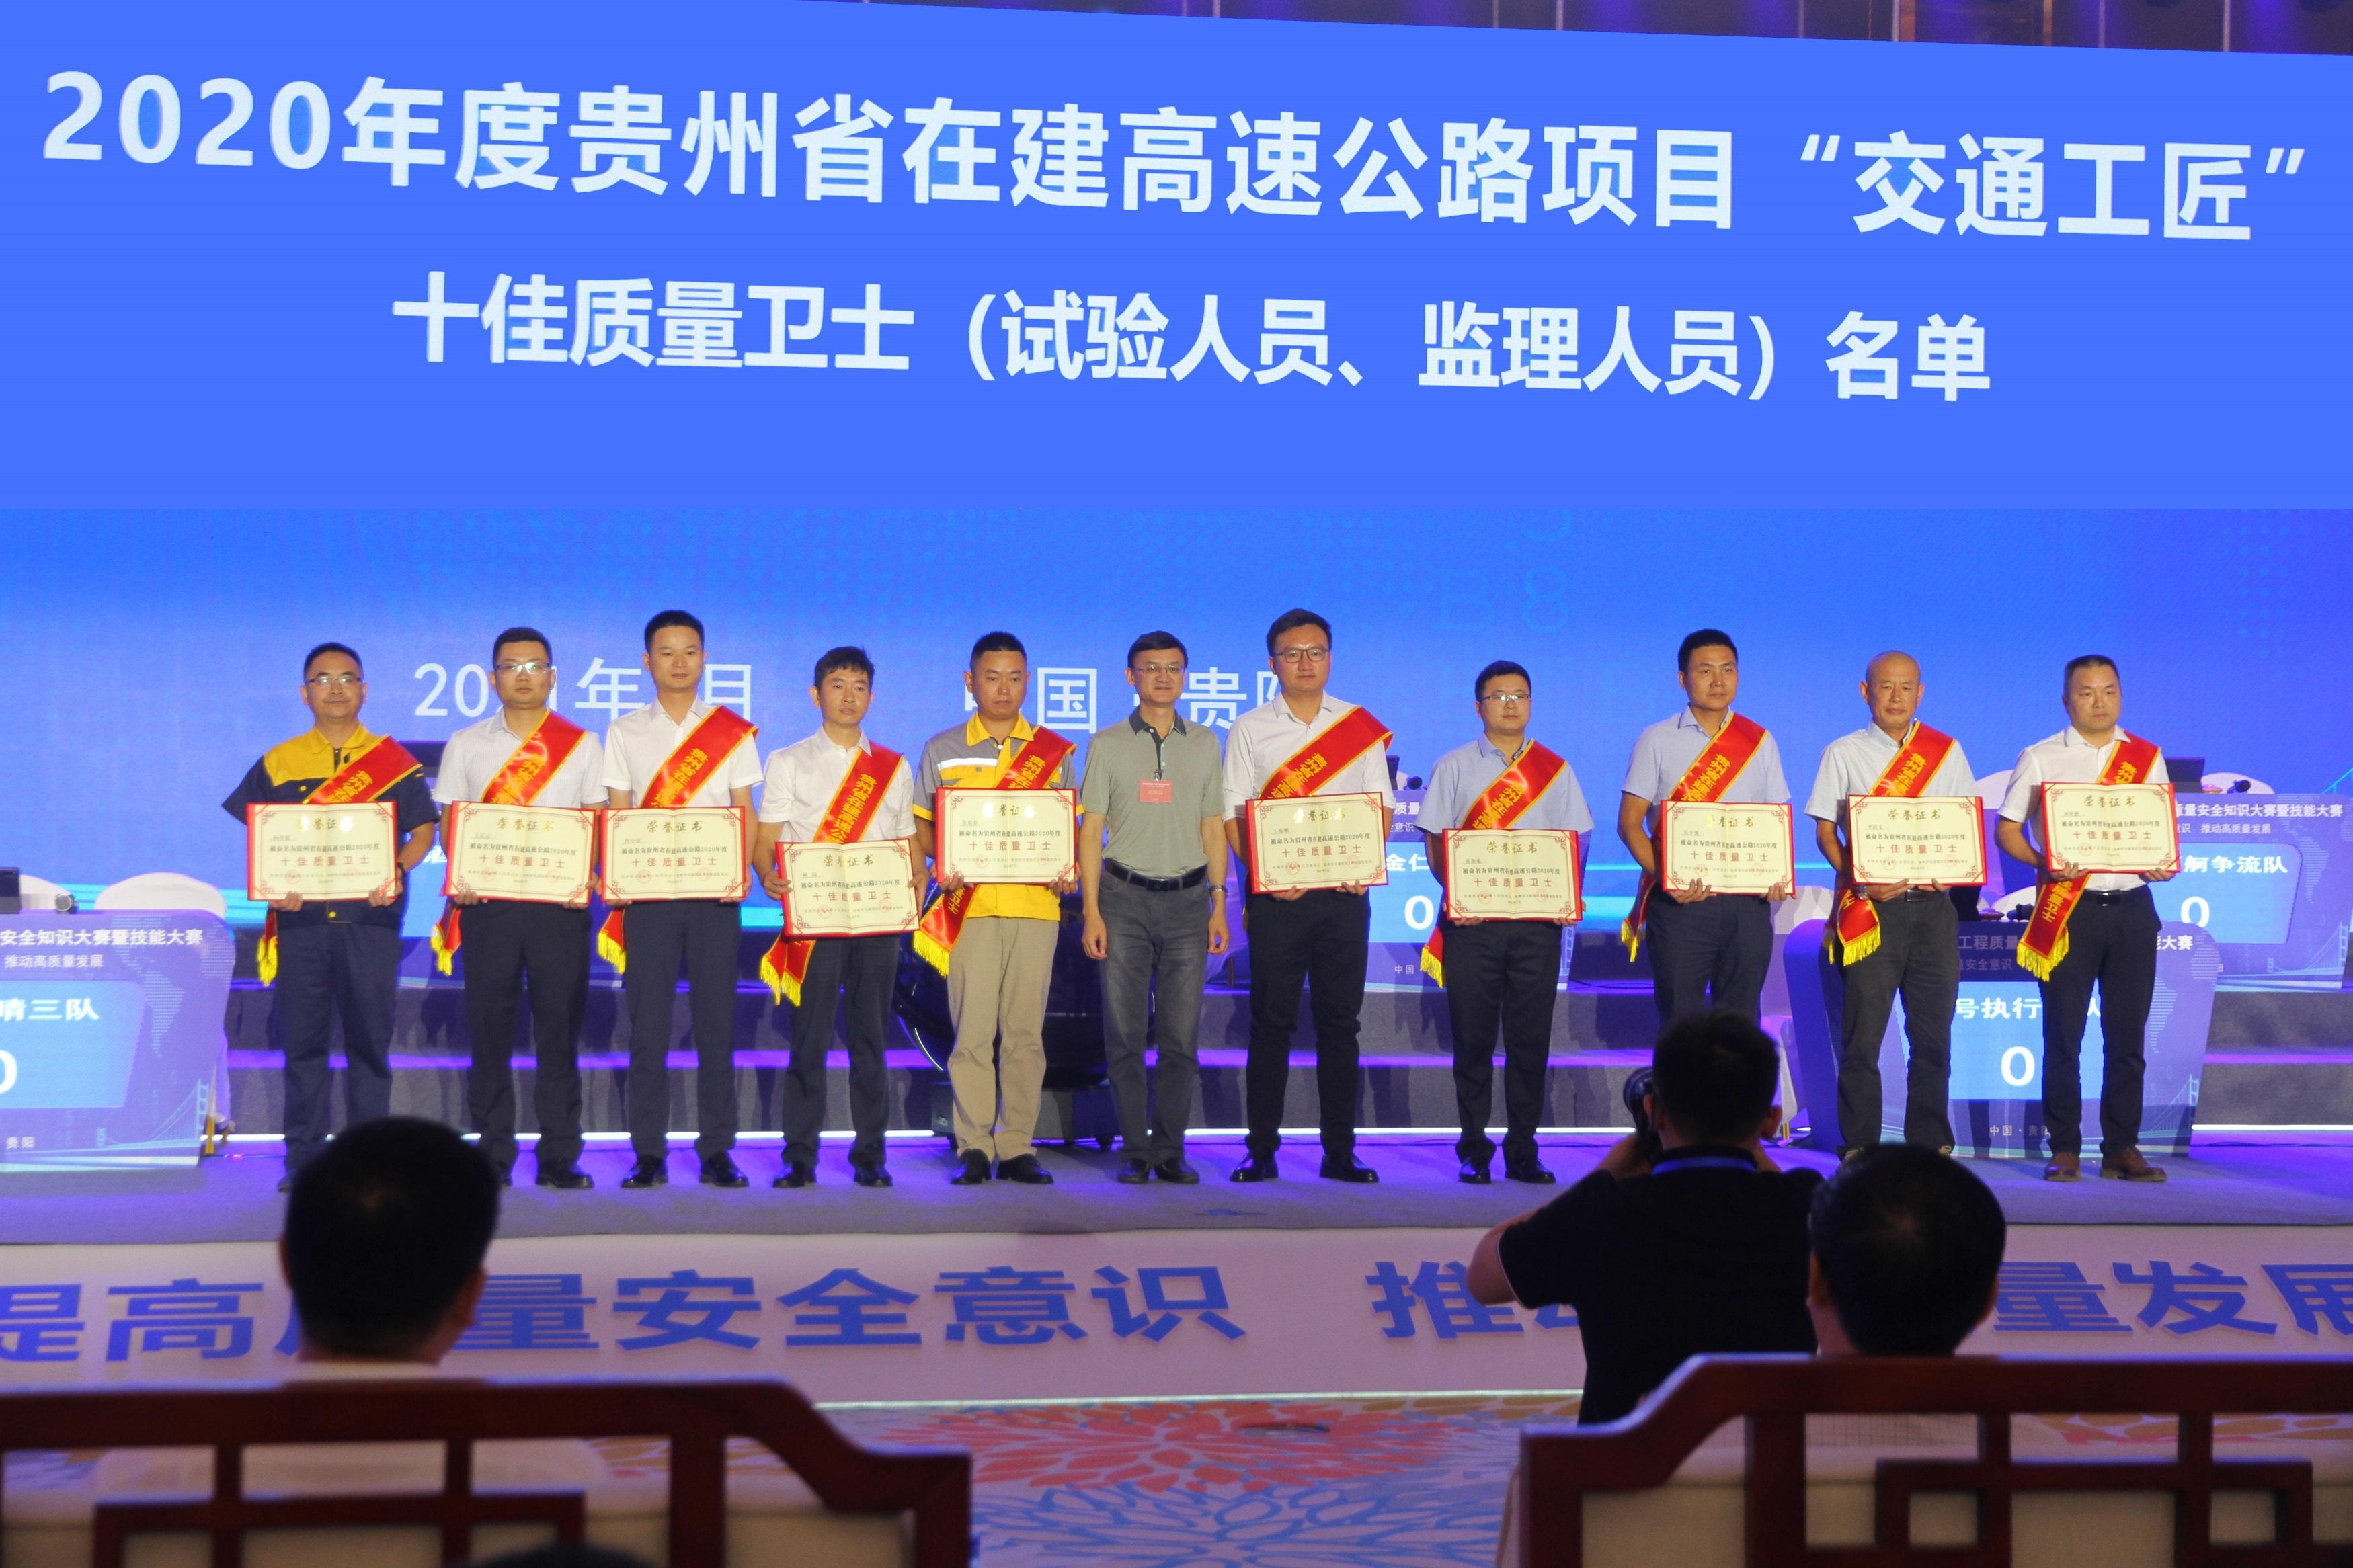 喜報!我公司王富云同志榮獲貴州省在建高速公路2020年度十佳質量衛士